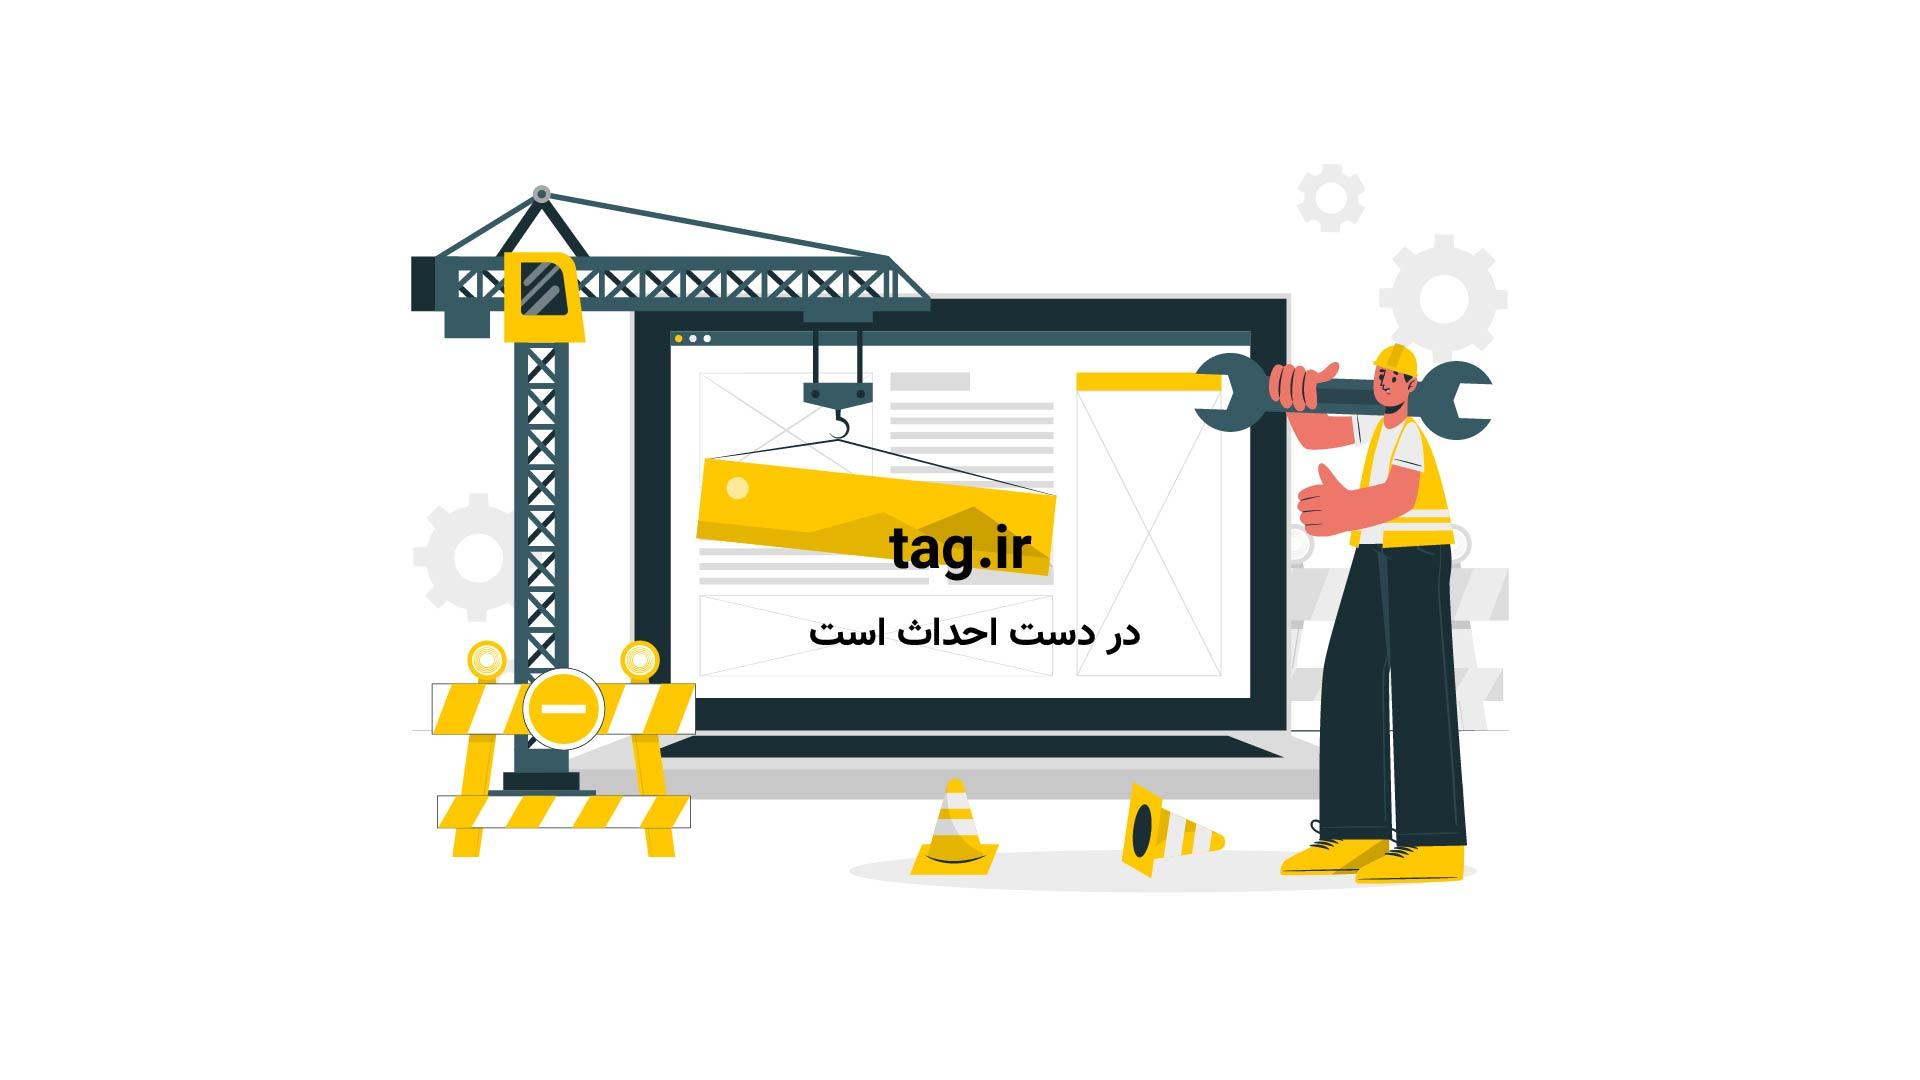 روستای تاریخی کندوله در کرمانشاه | فیلم